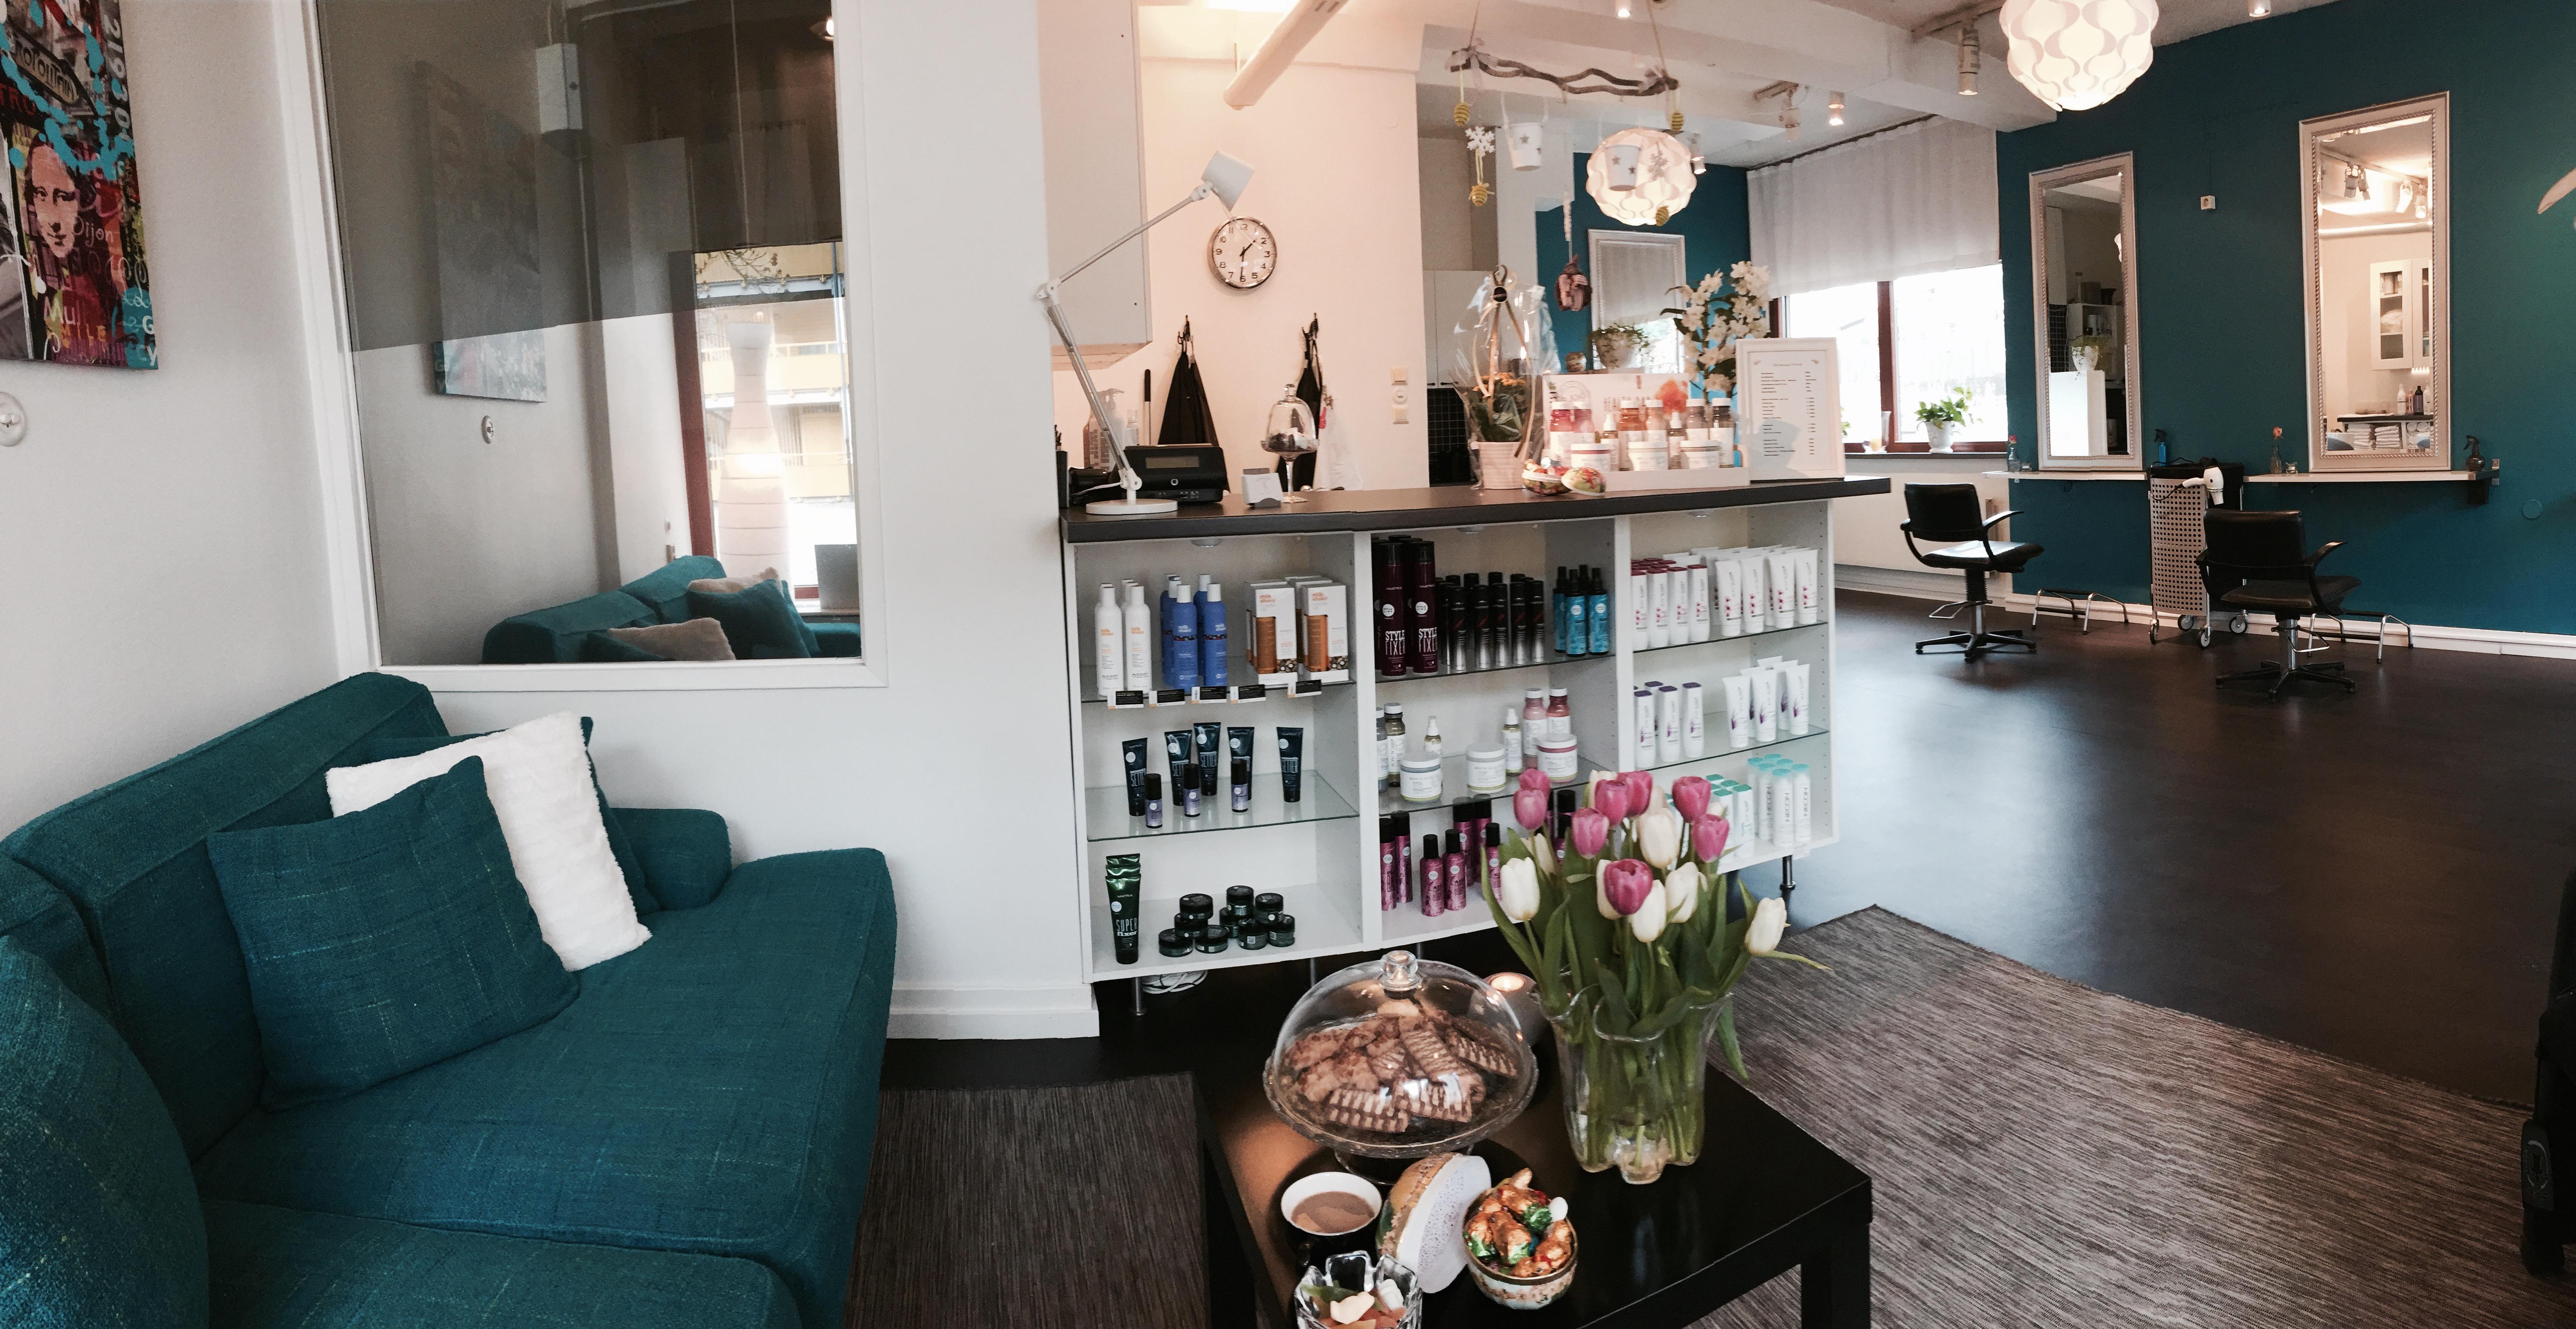 Välkommen till frisörsalong Hårverkstan